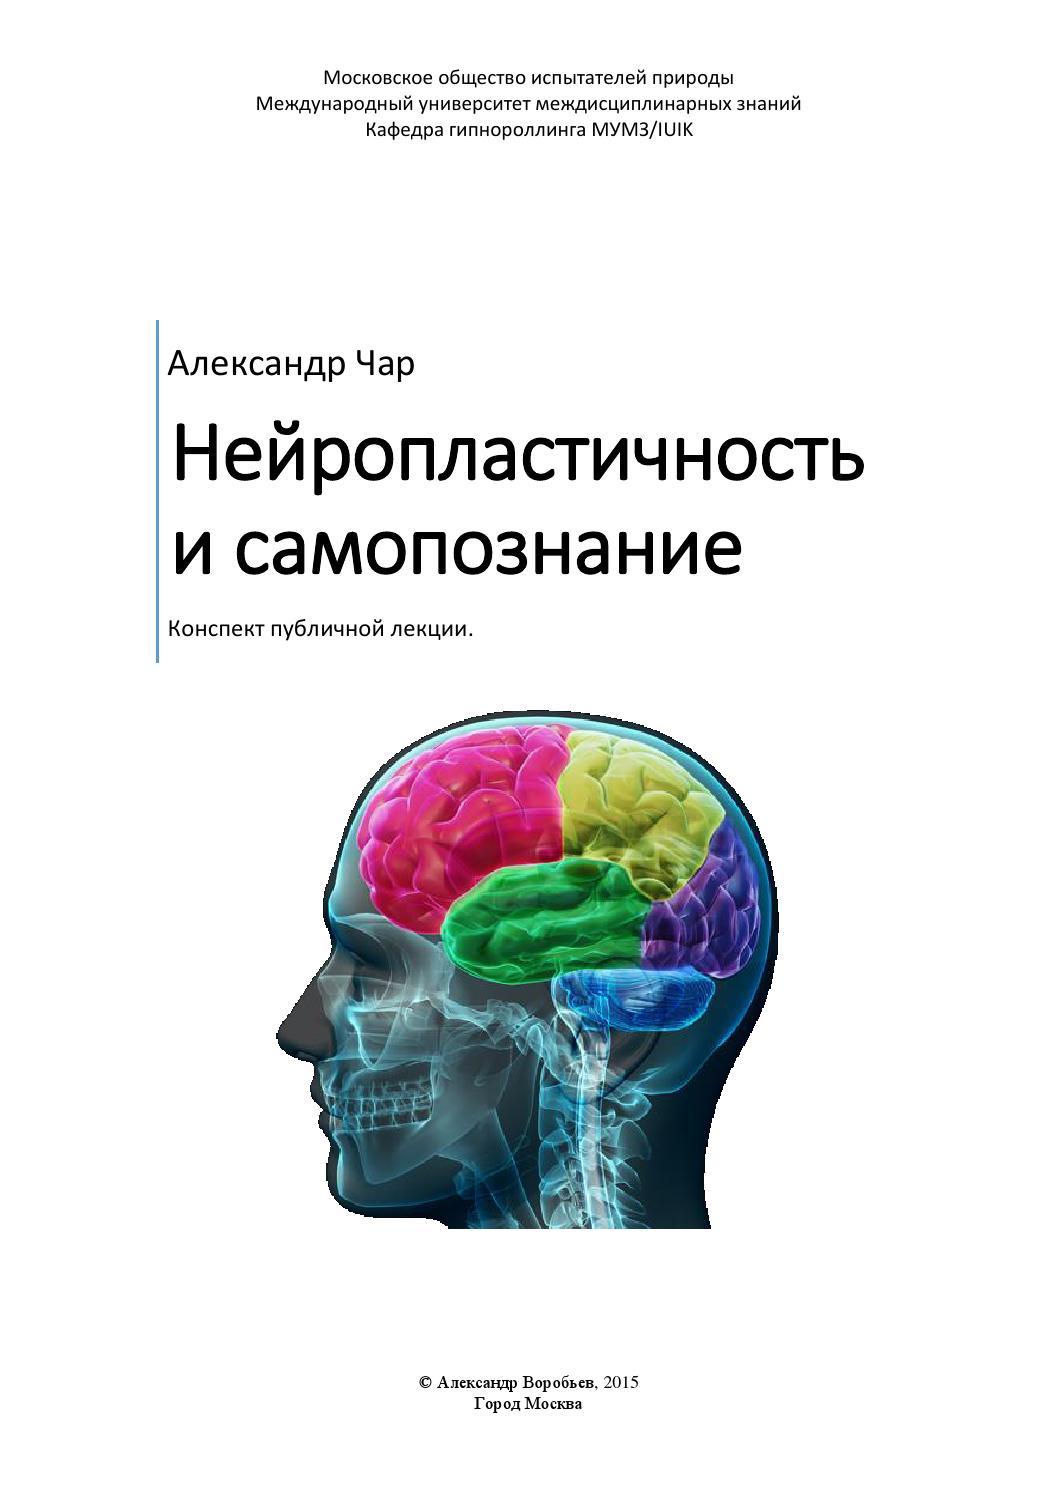 Синестезия | блог medical note о здоровье и цифровой медицине